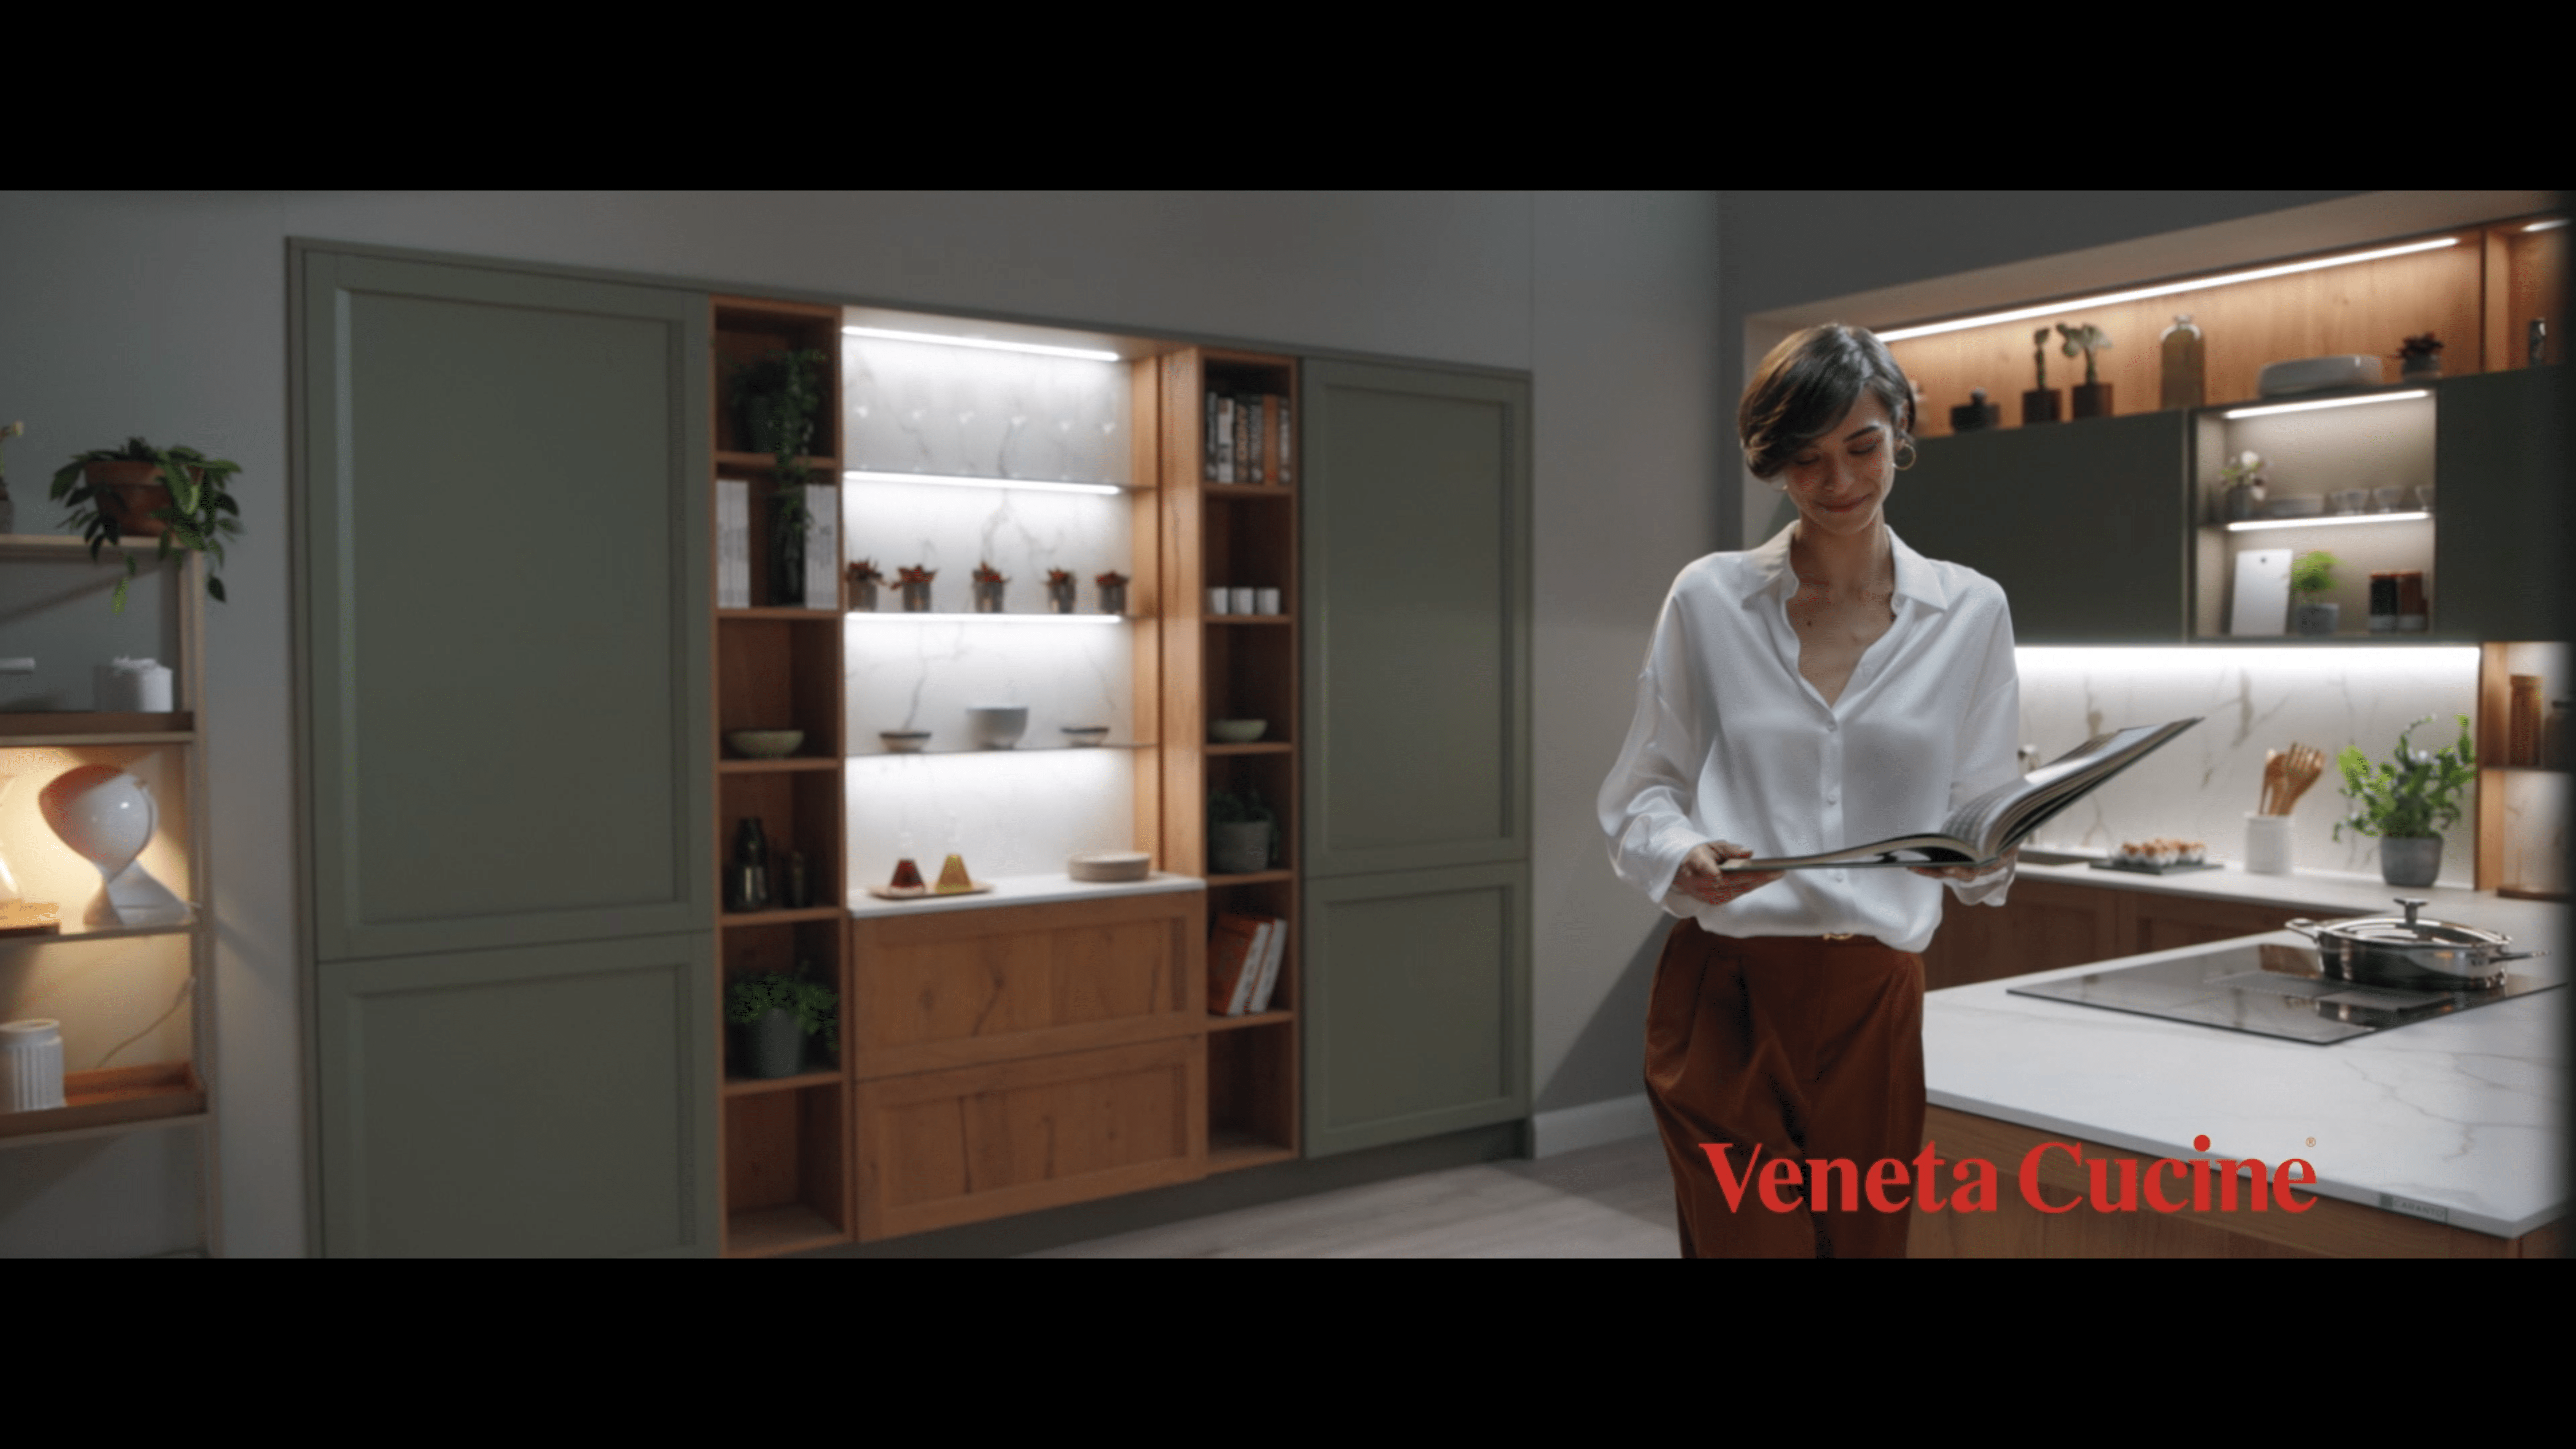 Con Veneta Cucine Il Futuro E Lo Spazio Piu Bello Da Progettare Touchpoint News